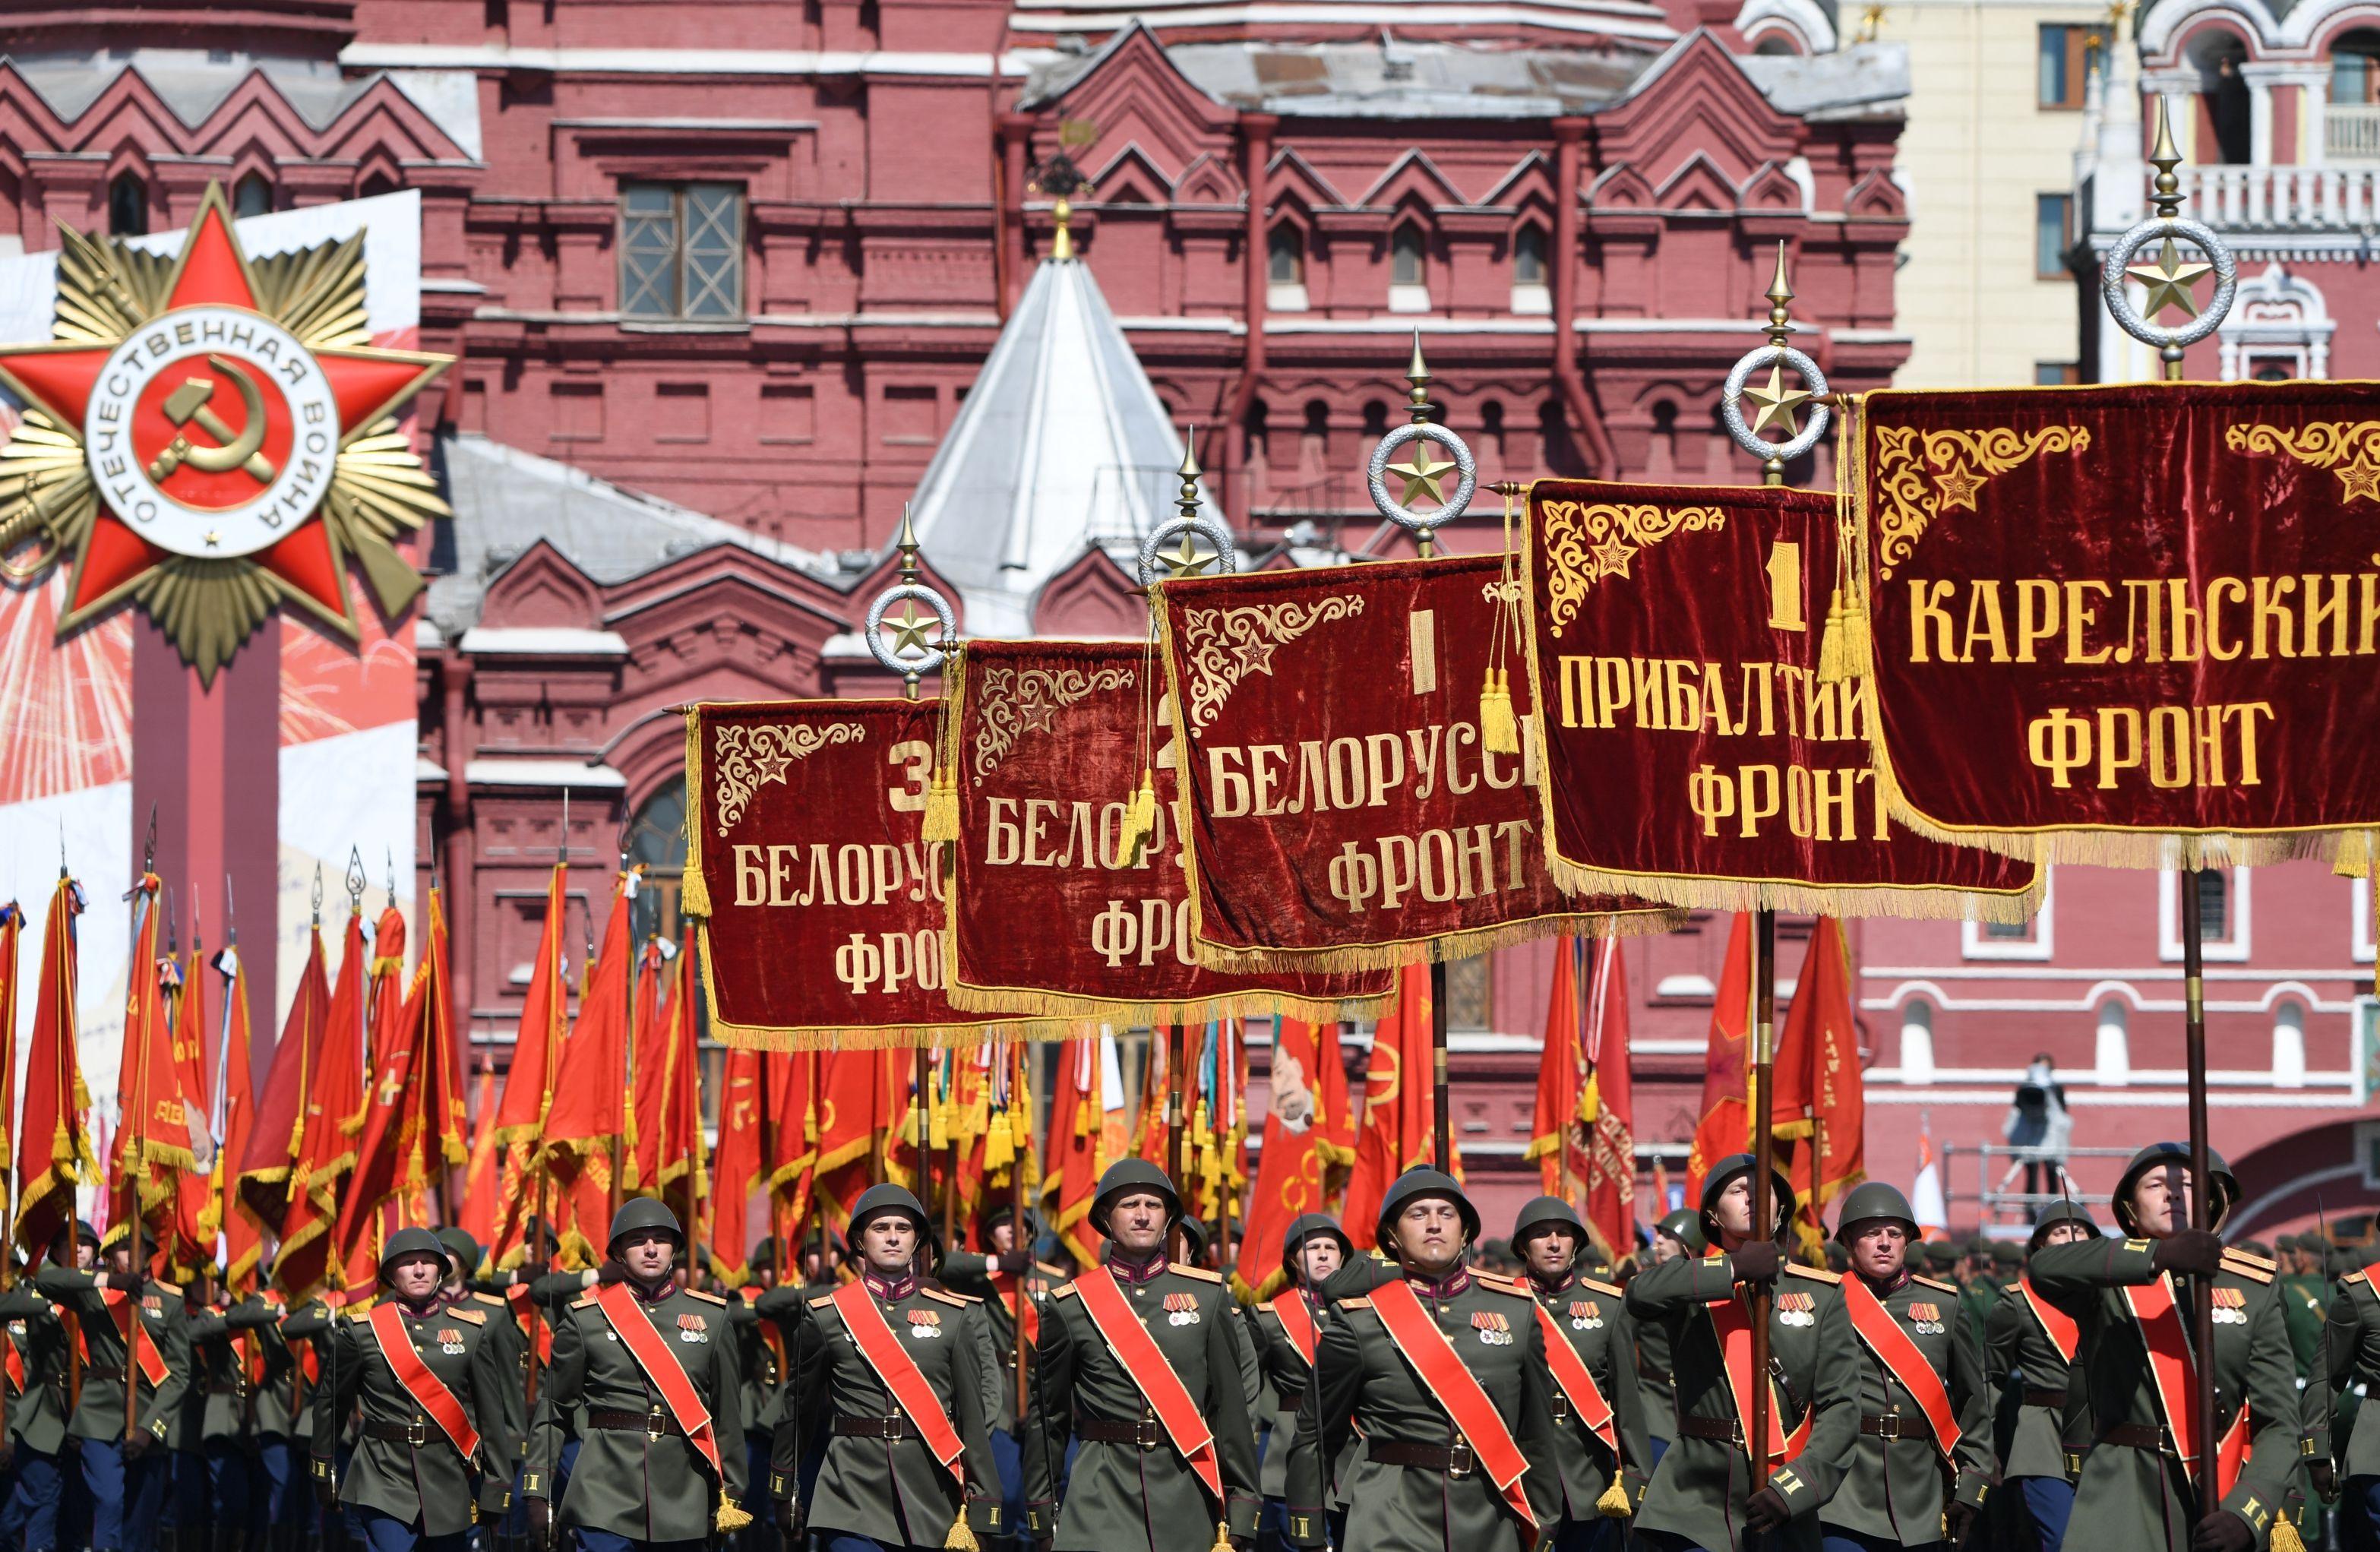 Группа со штандартами фронтов (Военная академия Ракетных войск стратегического назначения) во время военного парада в ознаменование 75-летия Победы в Великой Отечественной войне 1941-1945 годов на Красной площади в Москве.